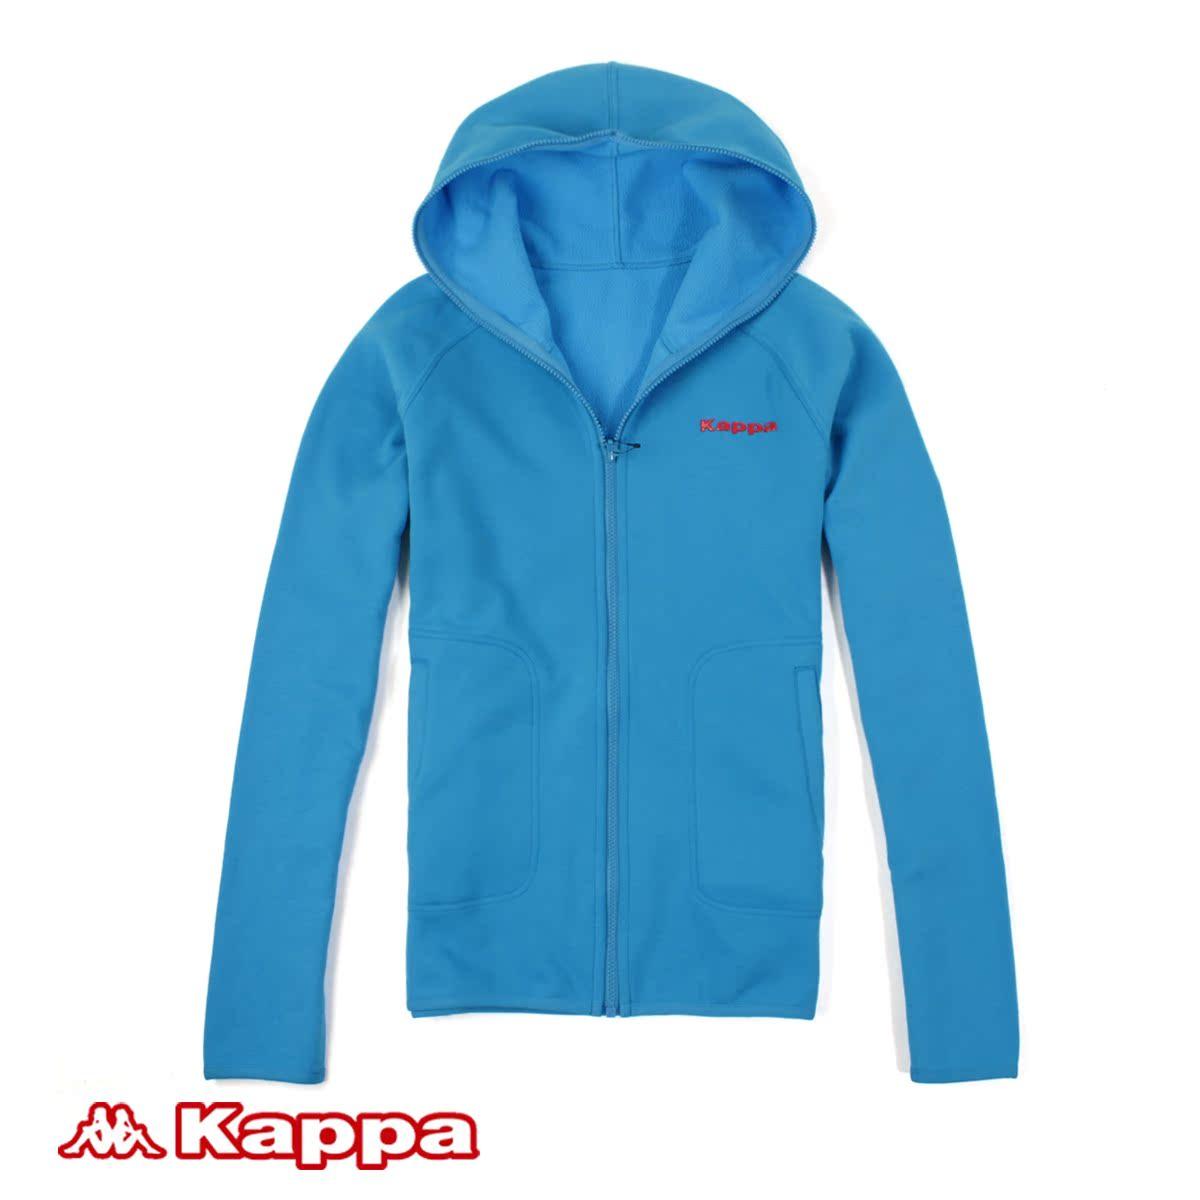 Спортивная толстовка Kappa k0122mk25/k0112mk25 K0122MK25 K0112MK25 Для мужчин Кардиган Полиэстер Для спорта и отдыха Воздухопроницаемые